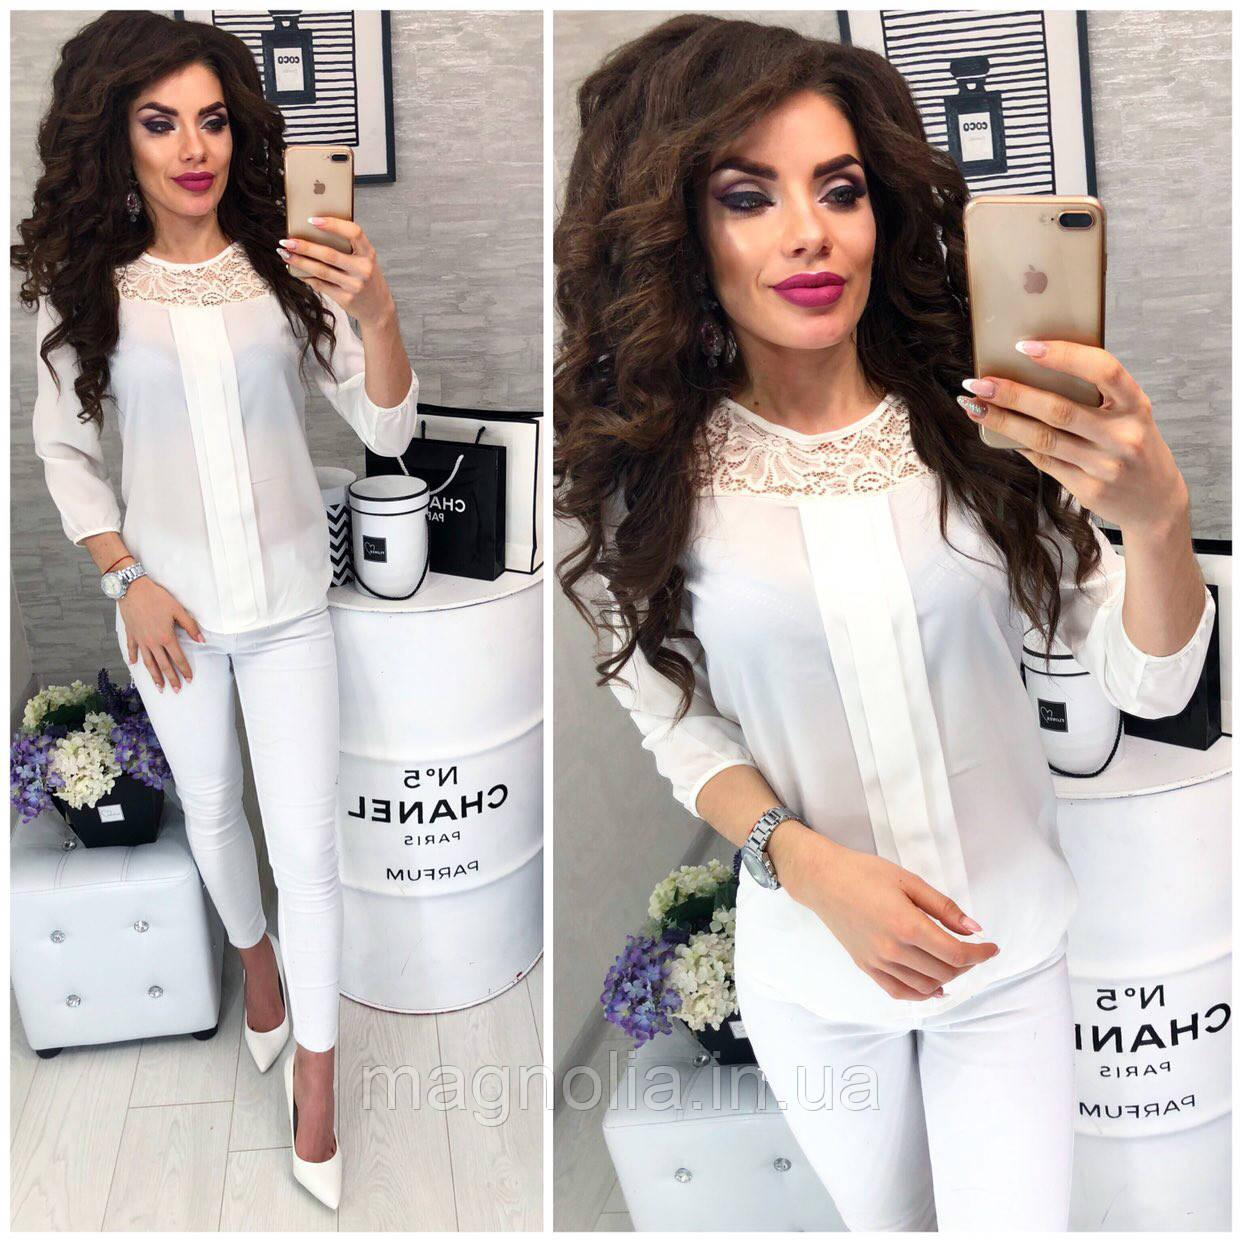 Блузка / блуза женская, модель 793 цвет белый / белая